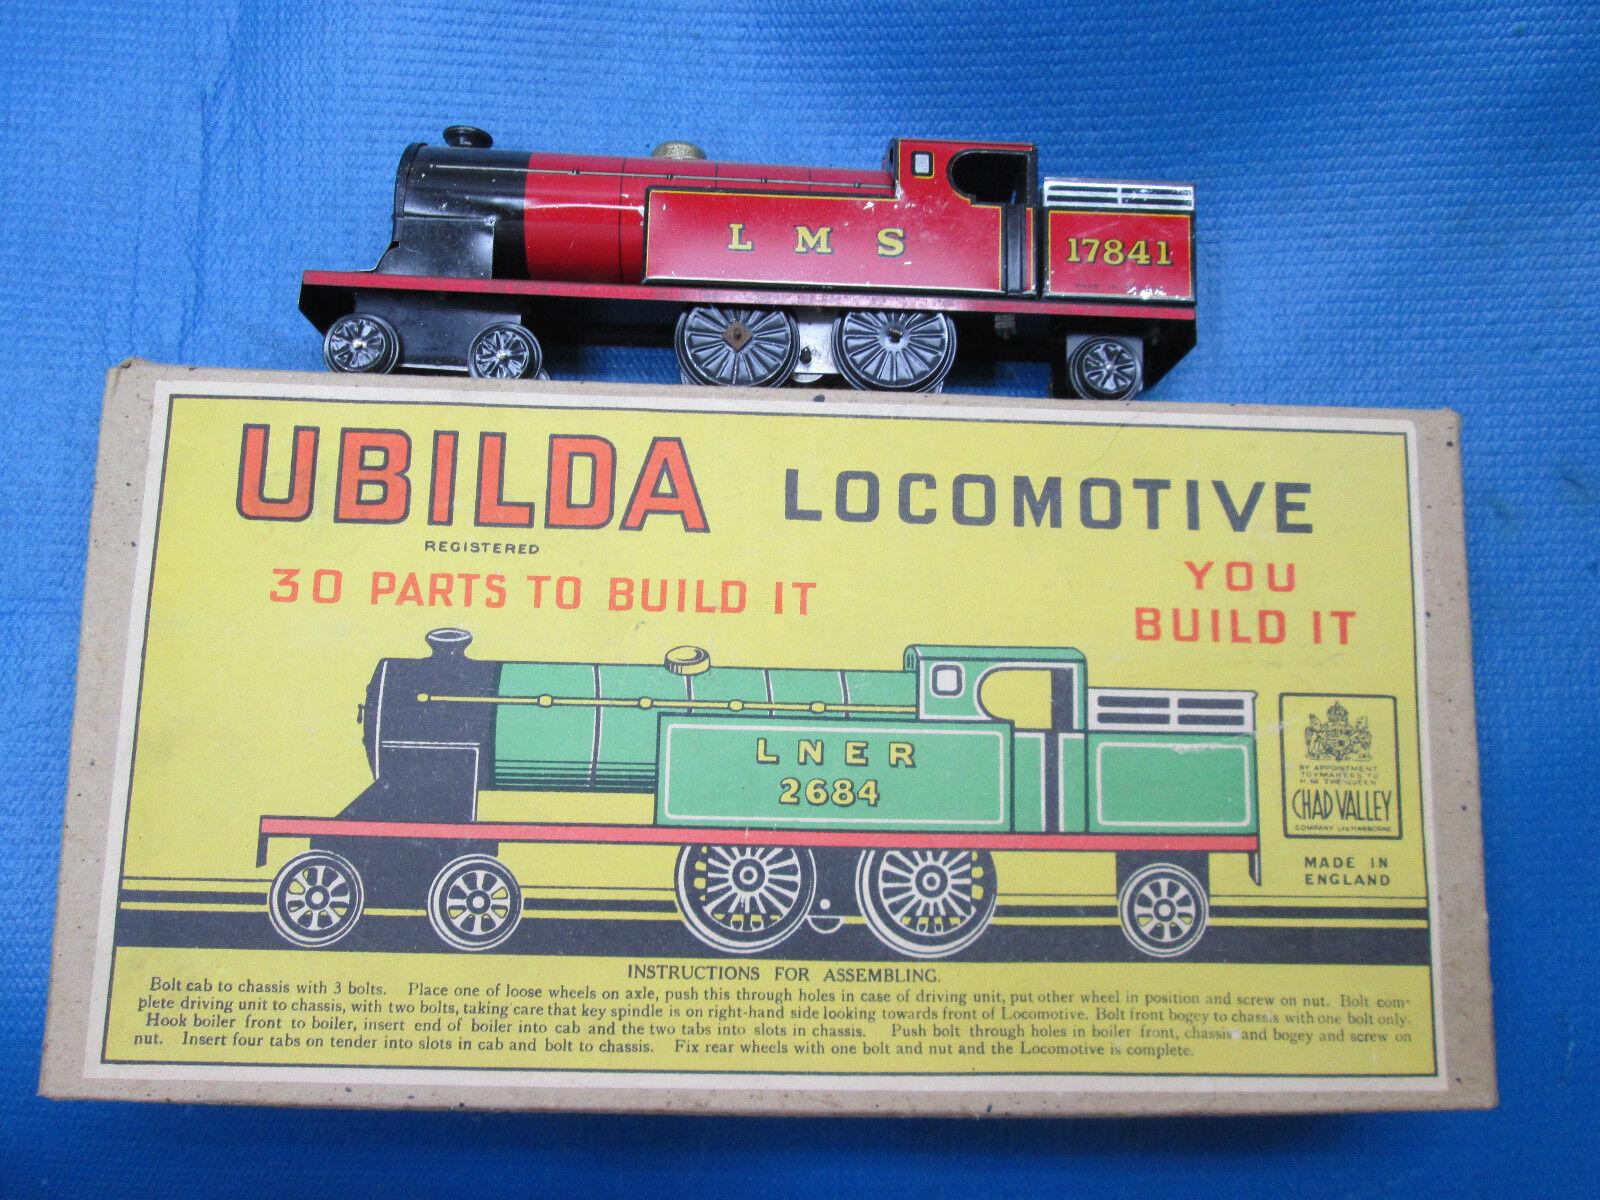 Vintage Chad Valley ubilda Locomotora Tren De Cuerda Kit en caja década de 1950 muy cool